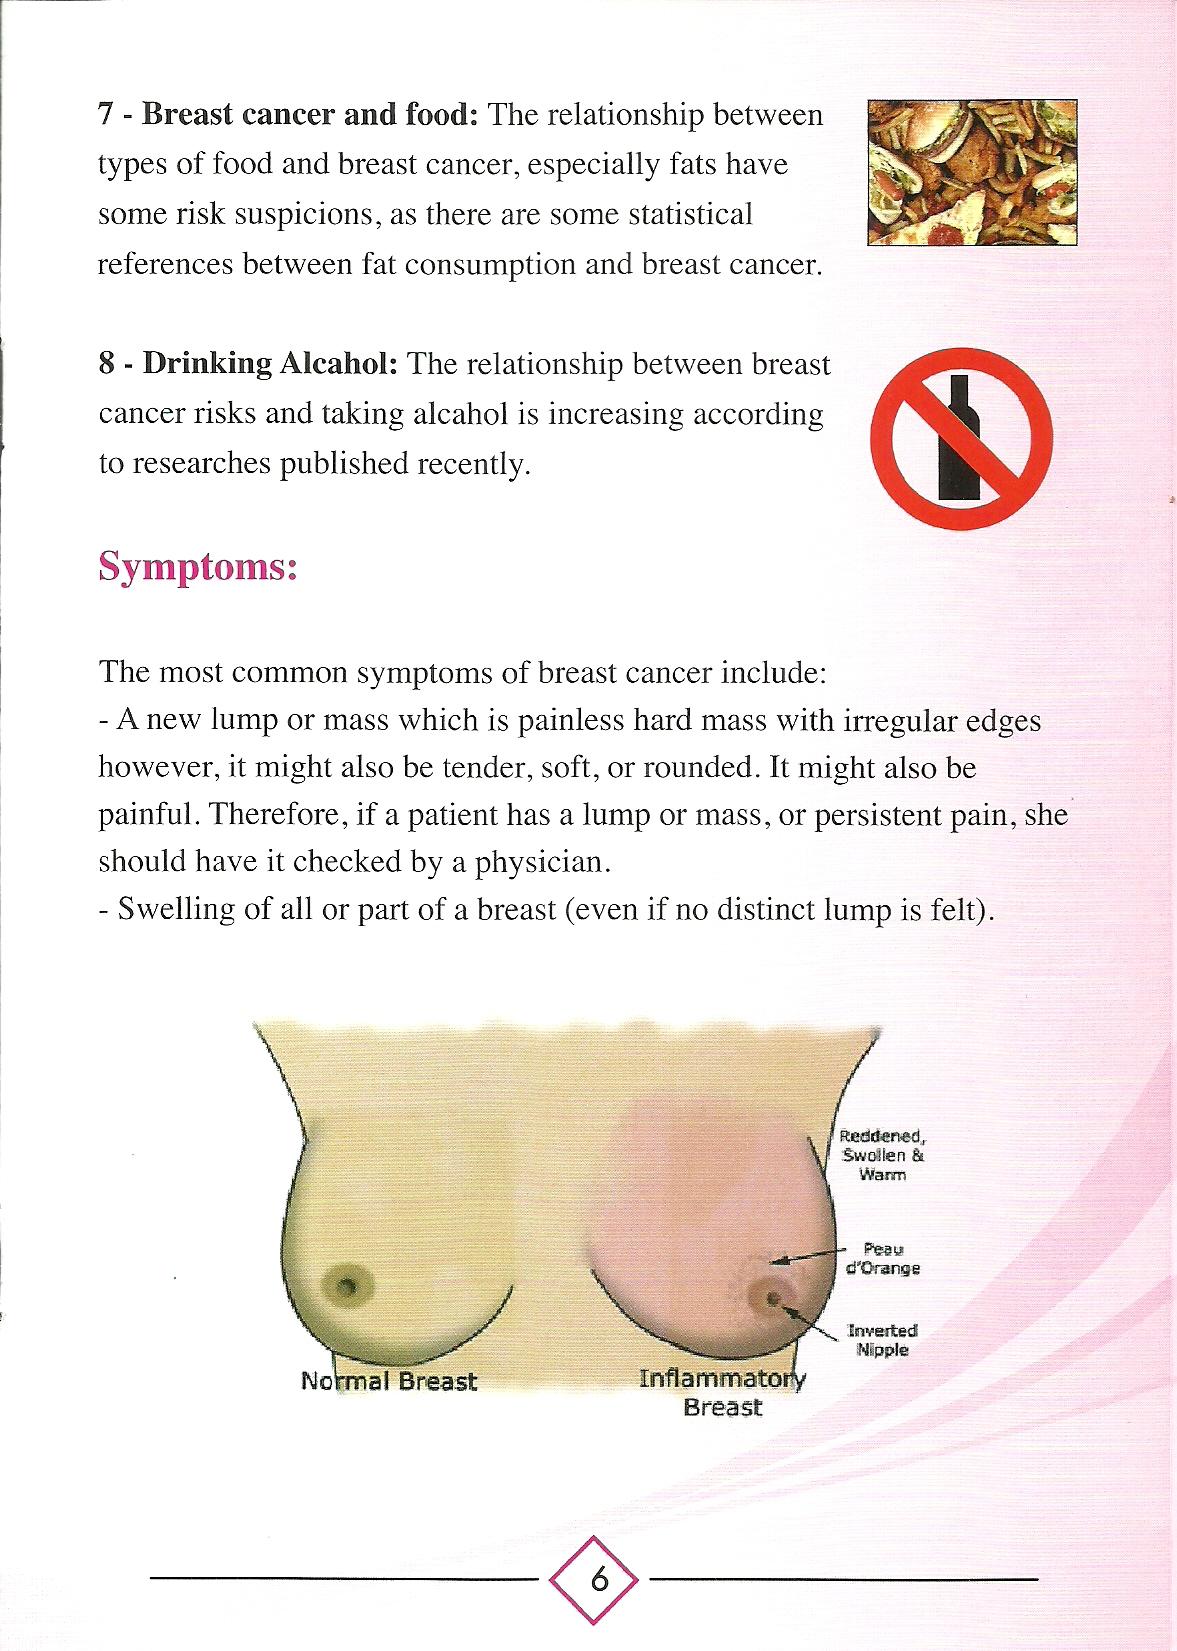 سرطان الثدي15